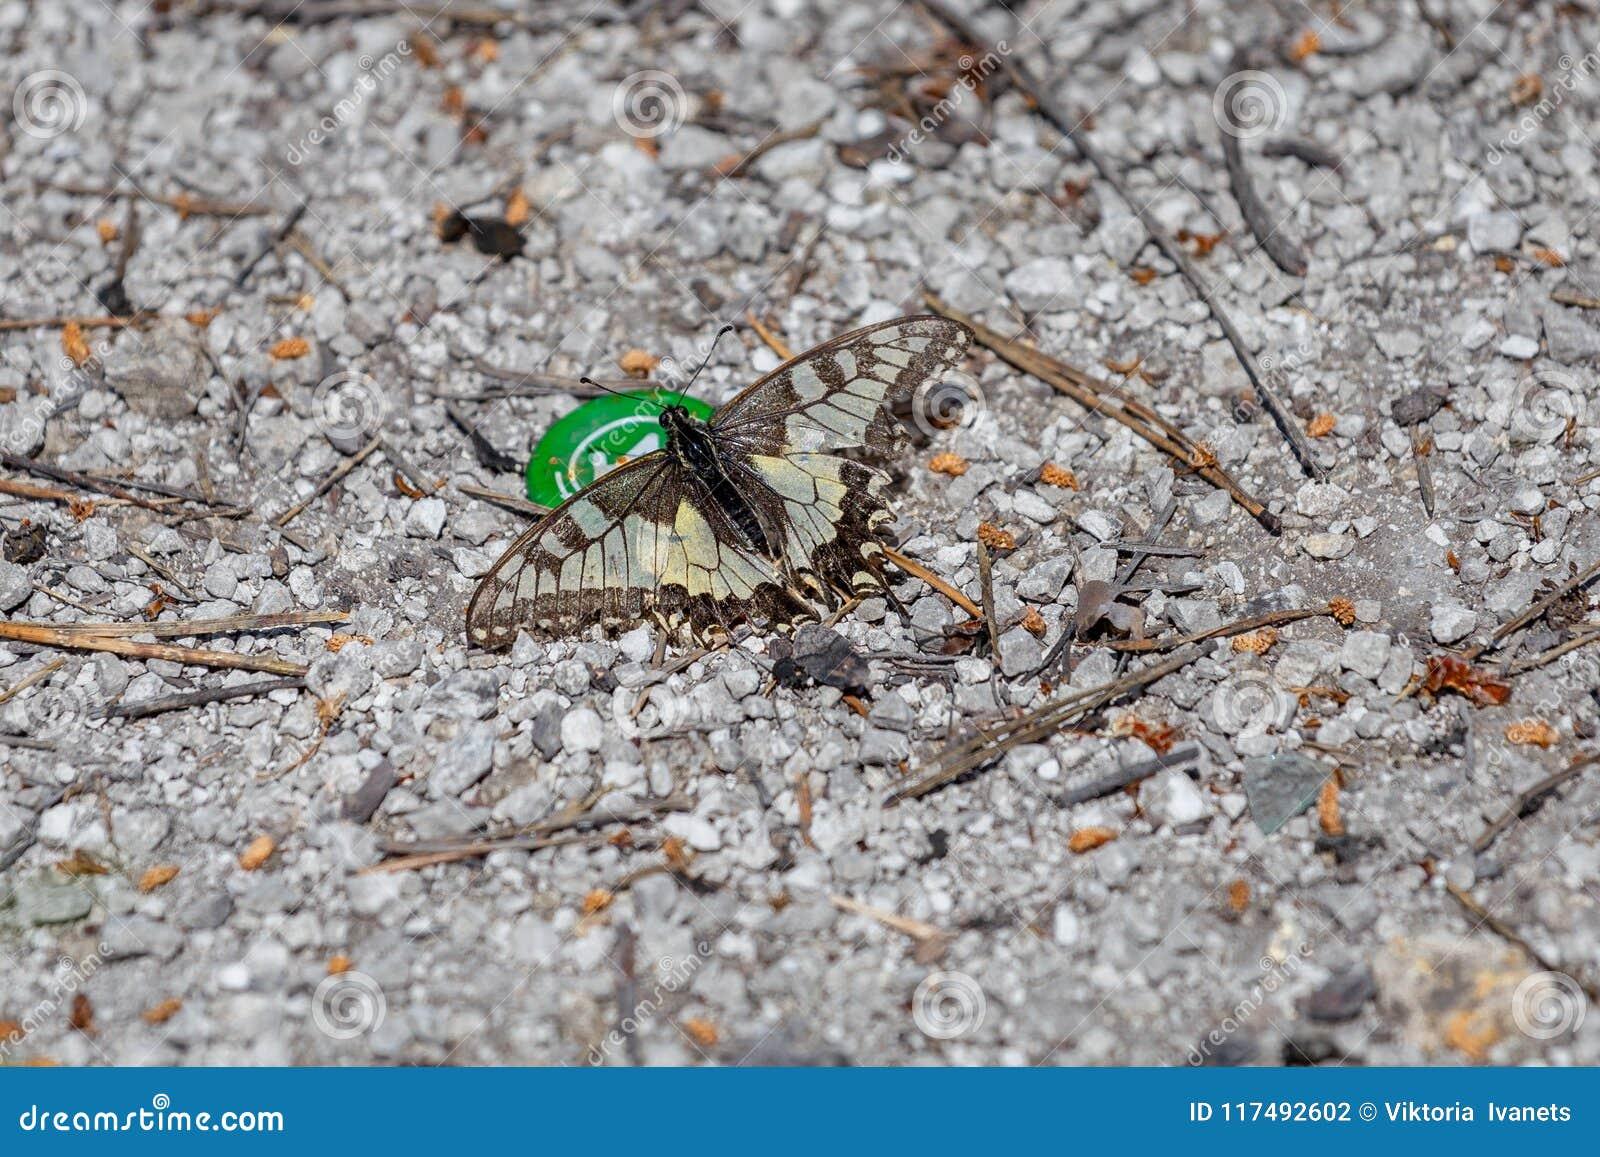 O machaon de Papilio da borboleta do swallowtail do Velho Mundo empoleirou-se na flor amarela com fundo borrado